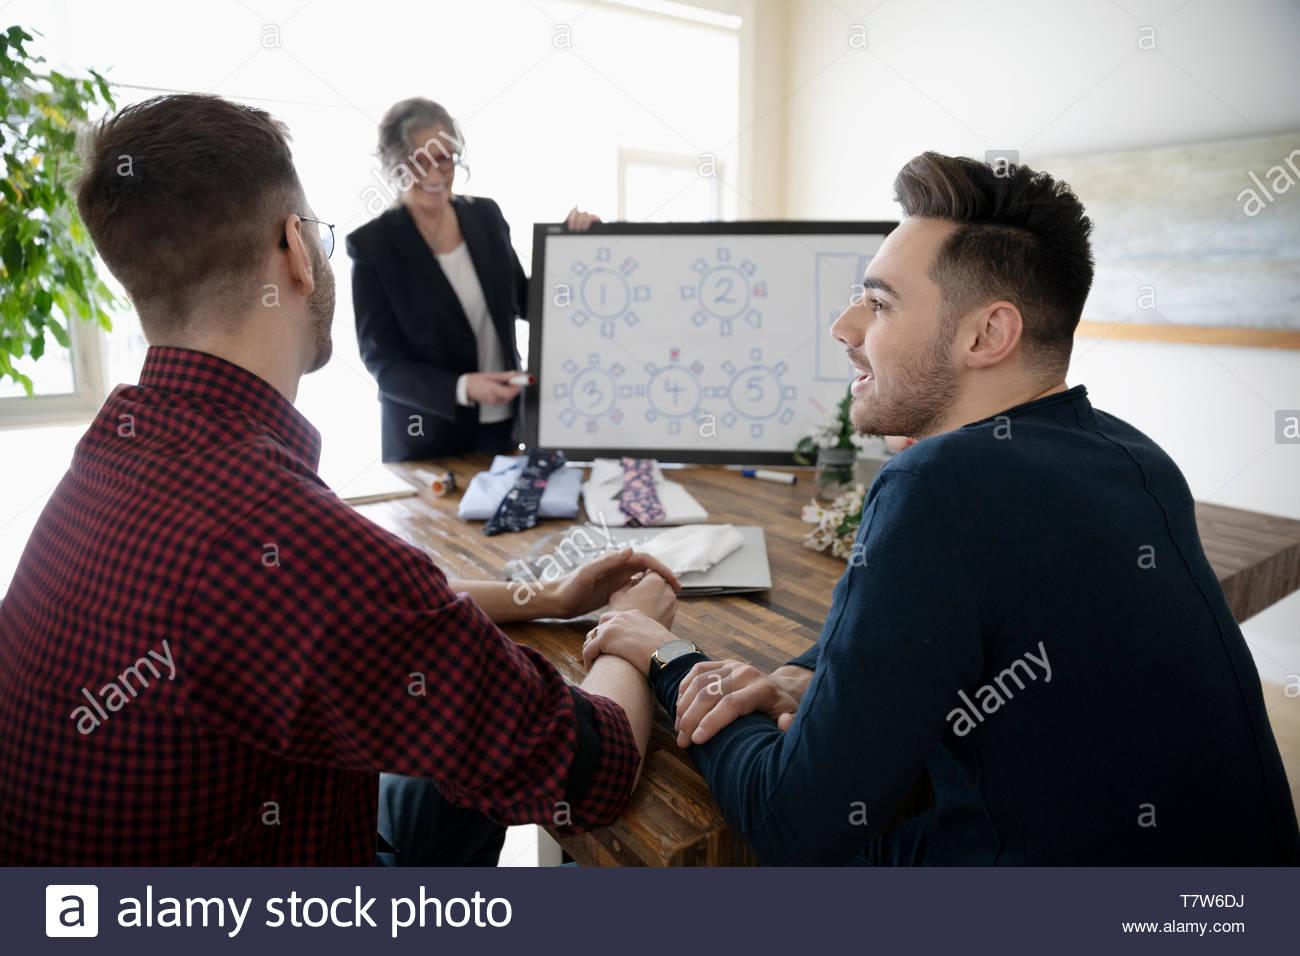 Homme couple gay affectueuse rencontre avec wedding planner, décider de l'attribution des sièges Photo Stock